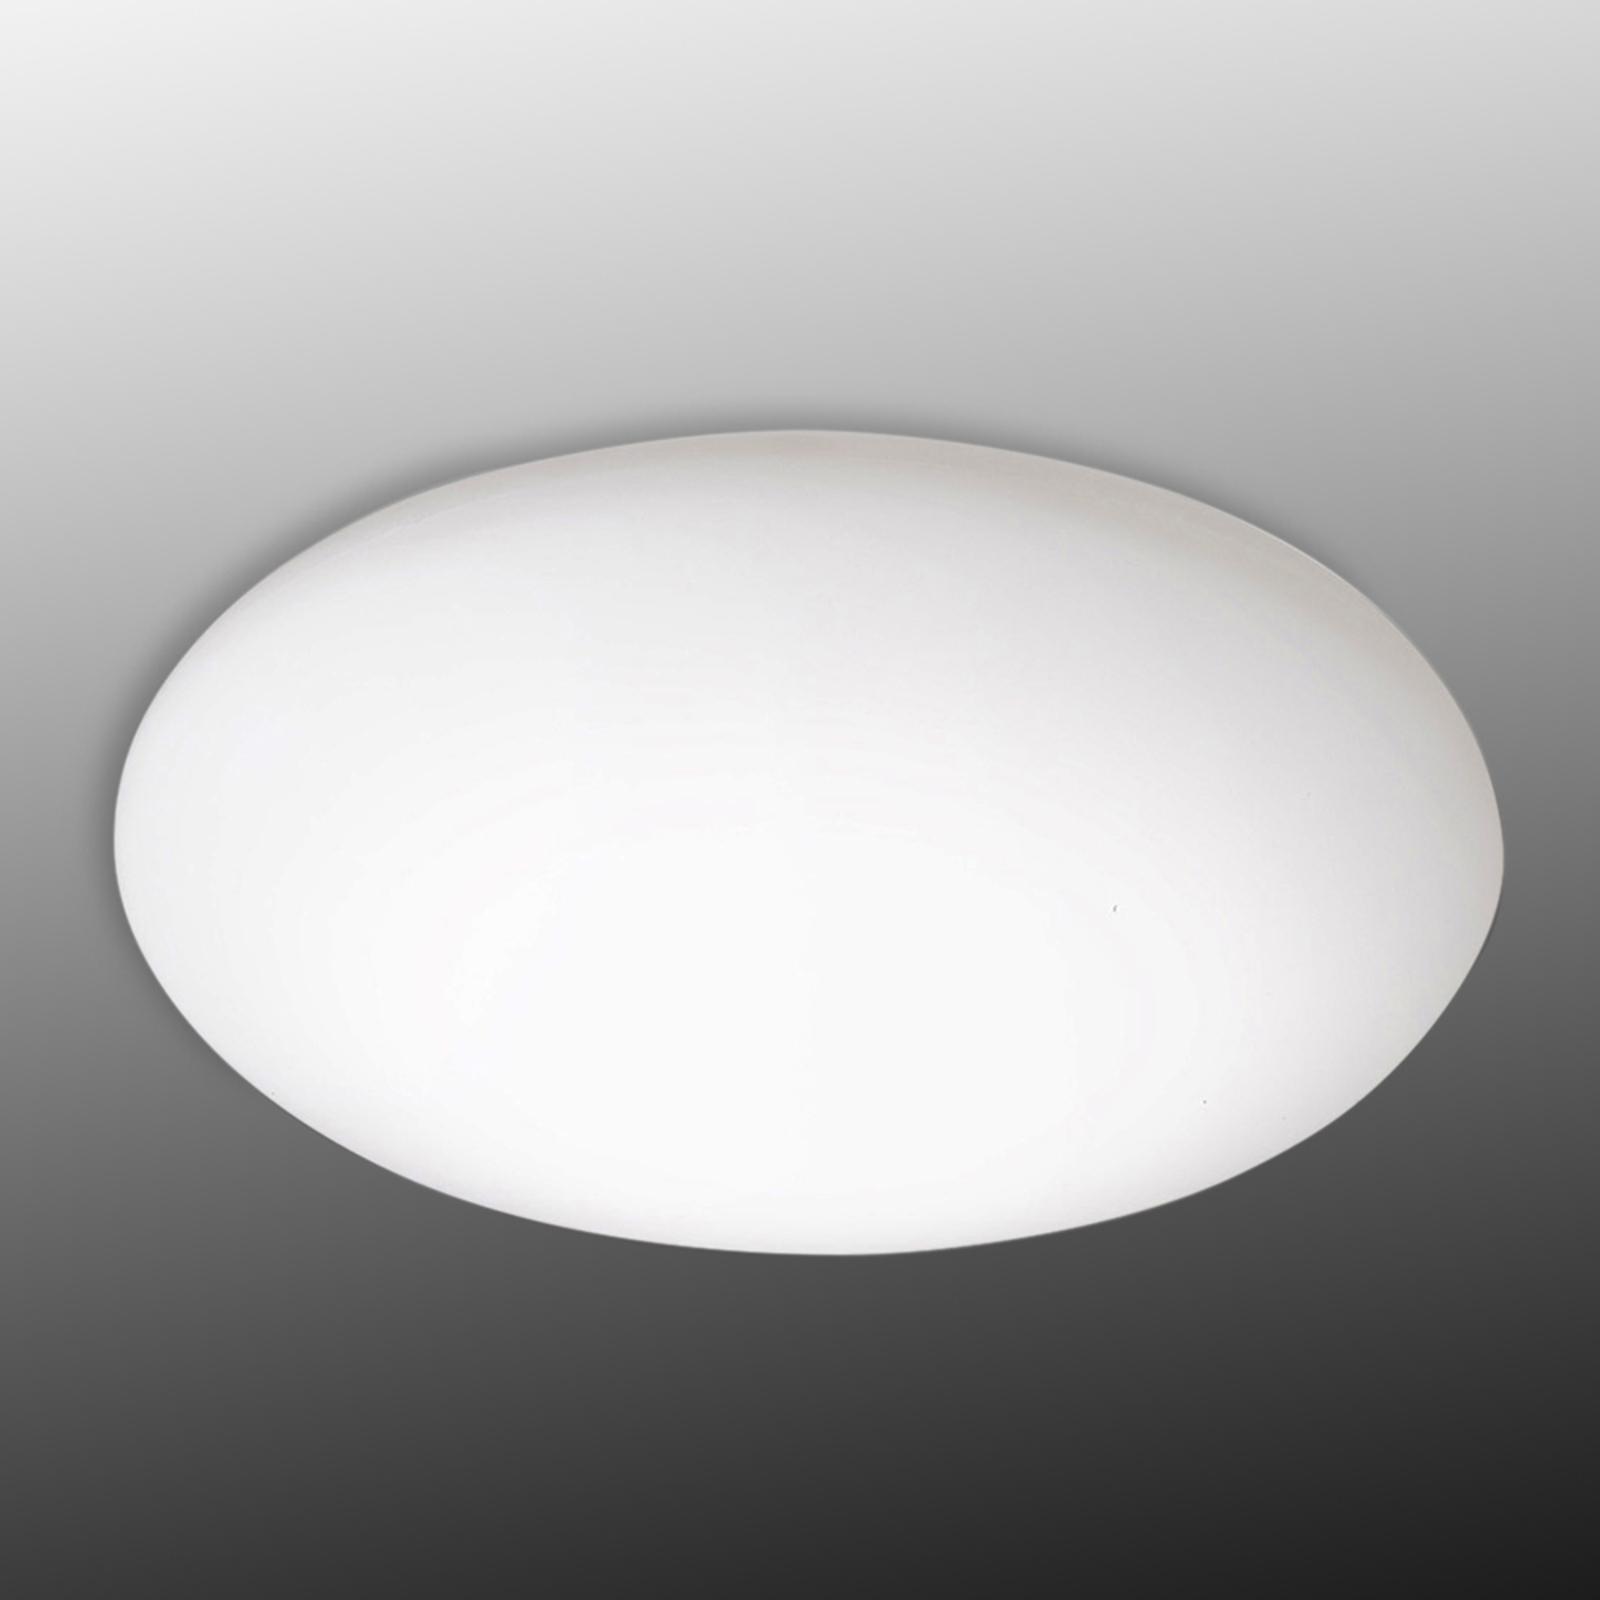 Squash - plafoniera LED di polietilene